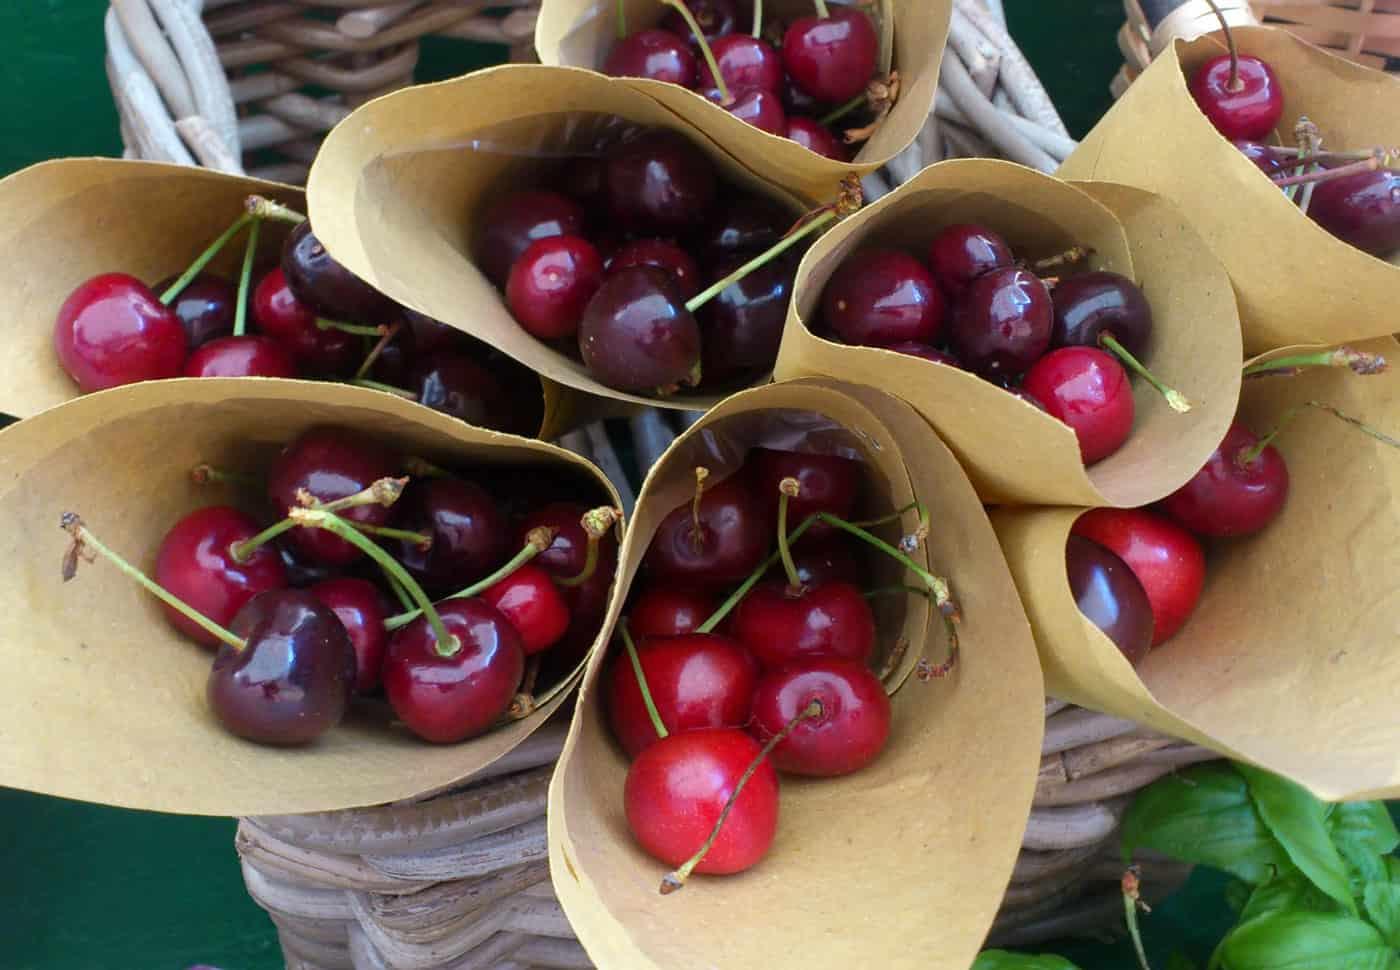 Cherries for sale in paper cones